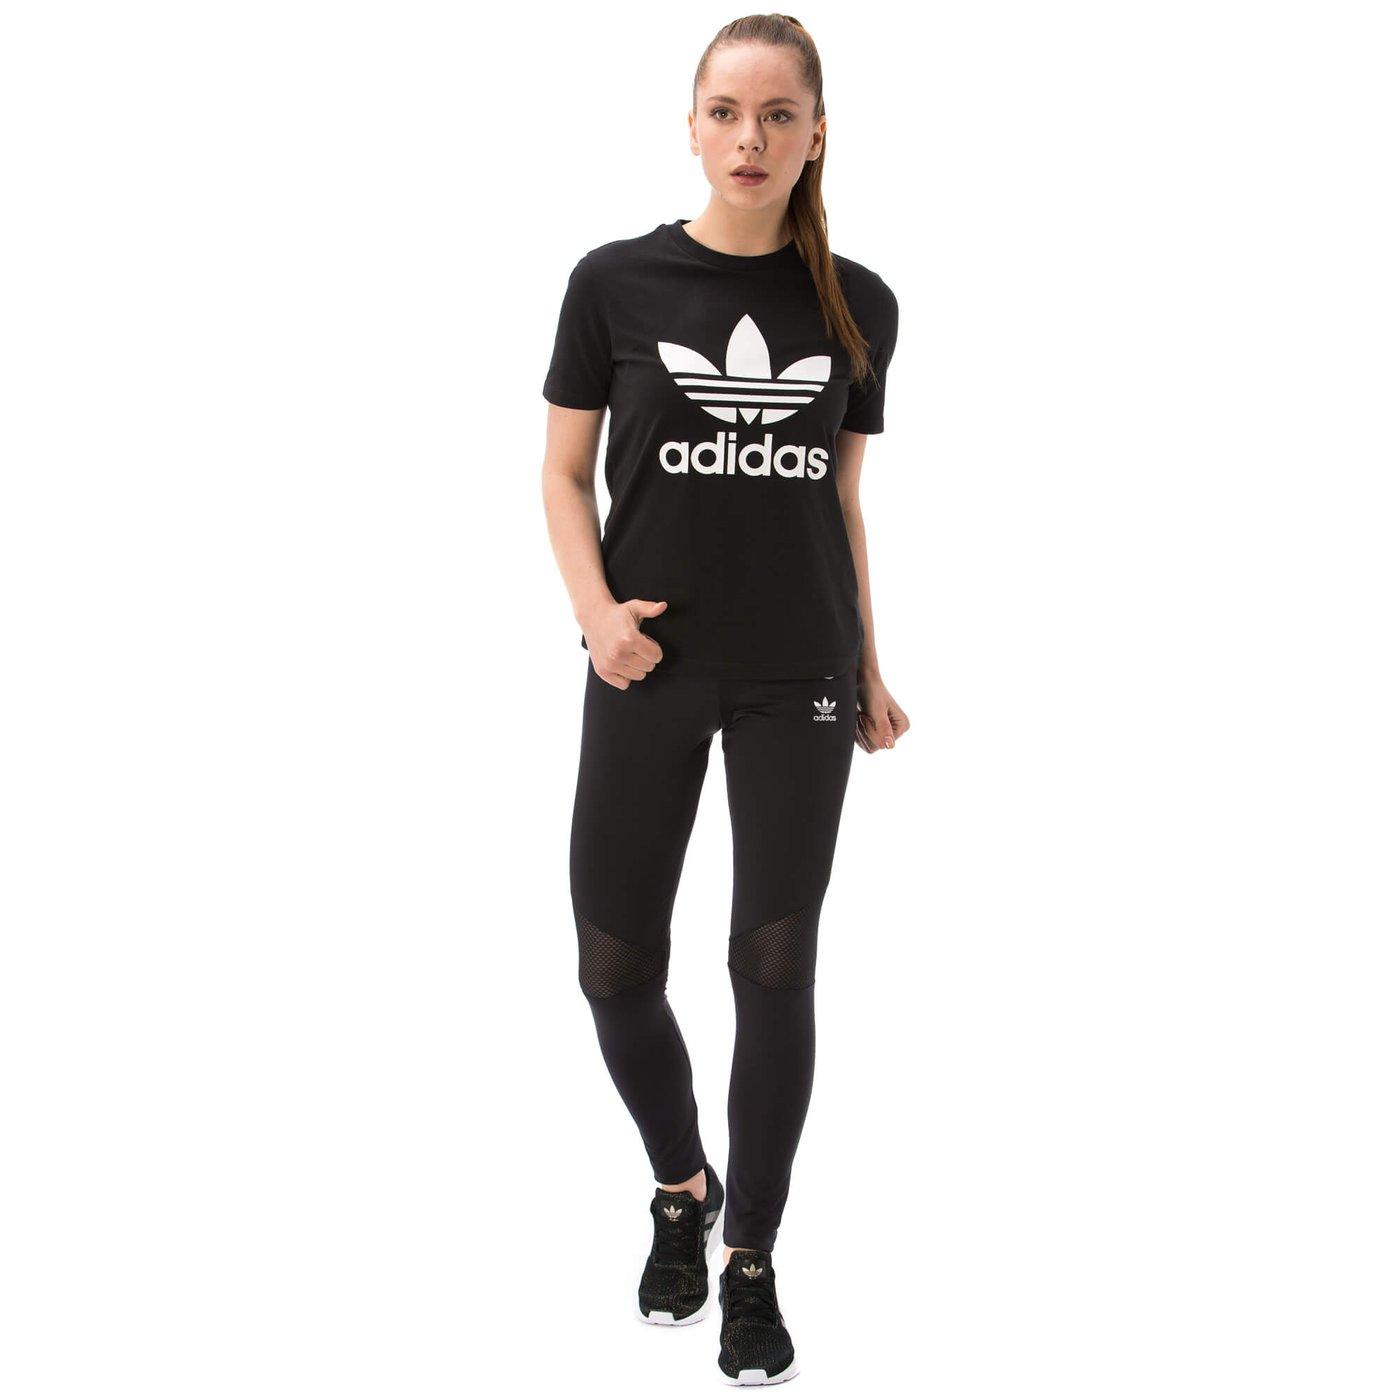 adidas Clrdo Kadın Siyah Tayt